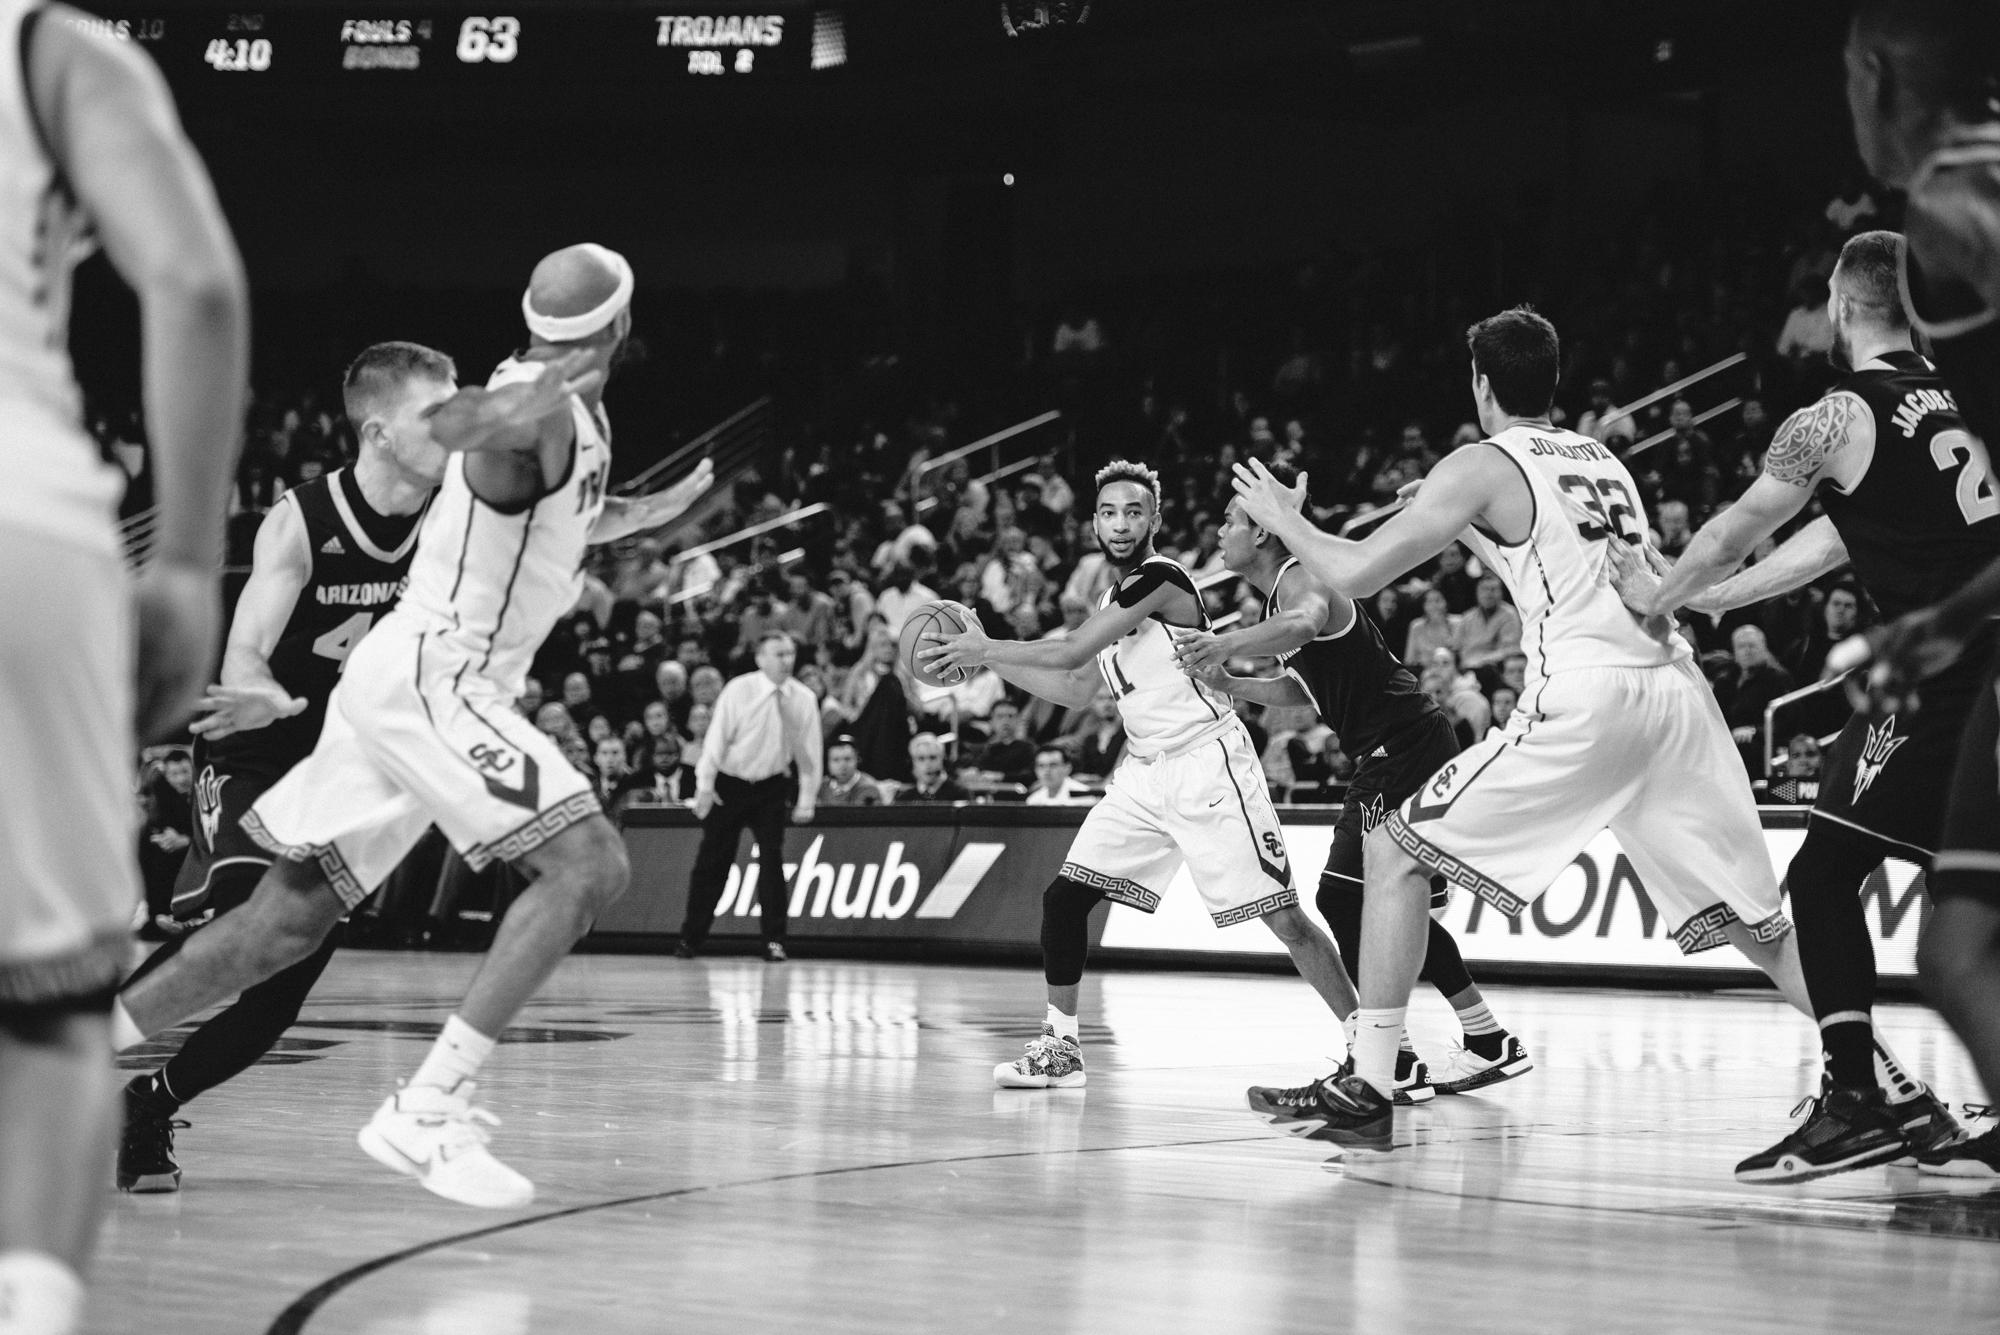 Dondonyan_basketball-6674.jpg